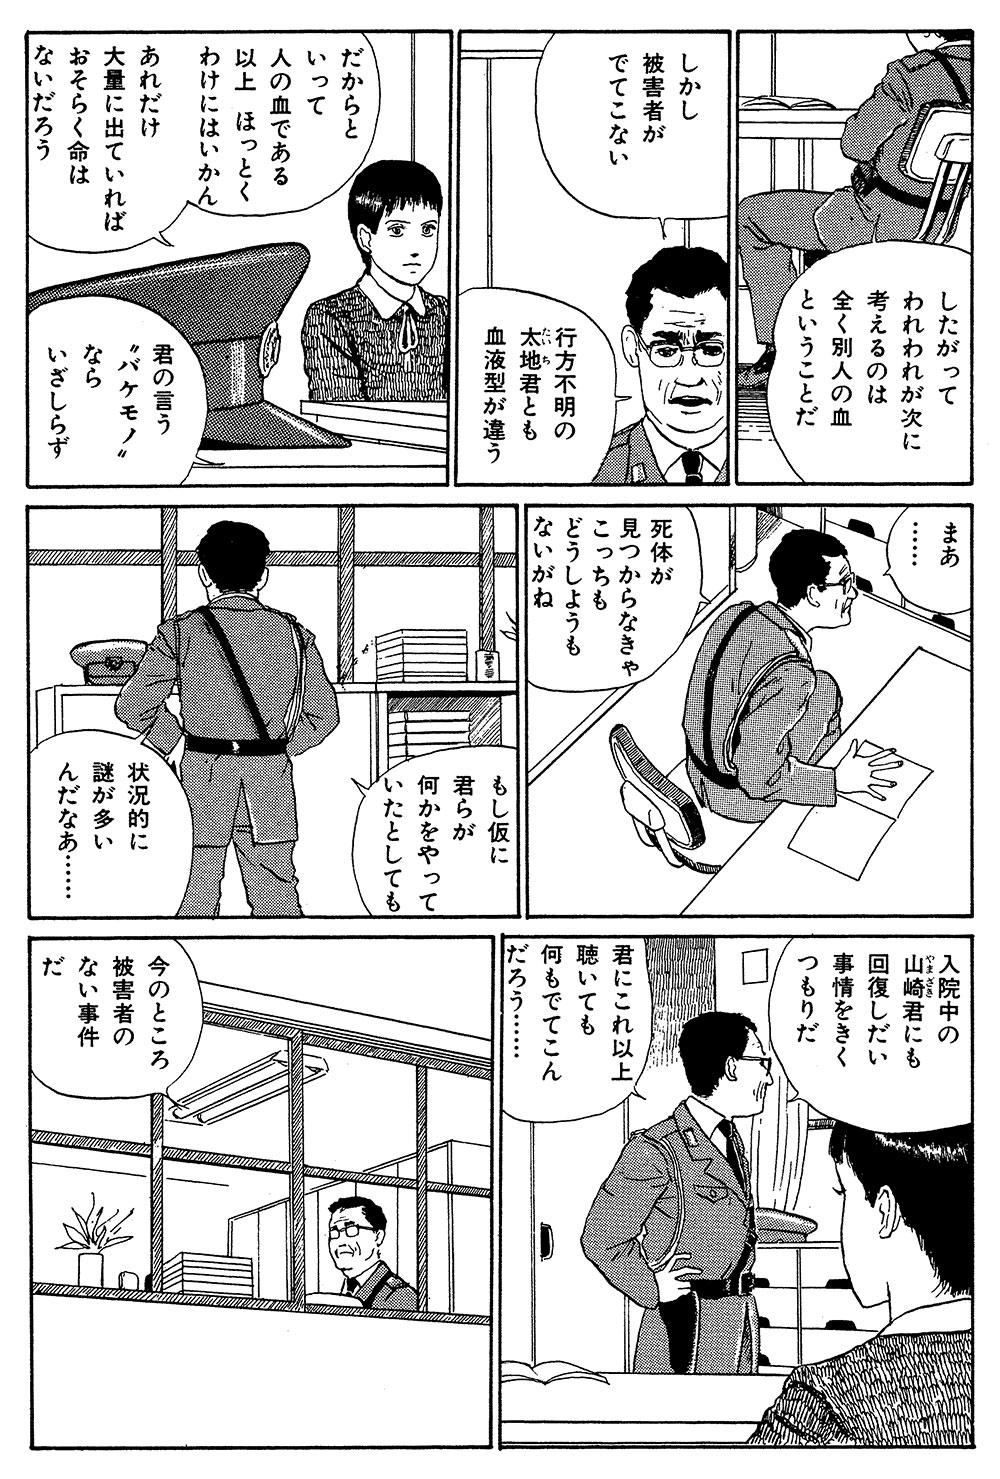 伊藤潤二傑作集 第5話「富江 接吻」⑤junji19-04.jpg